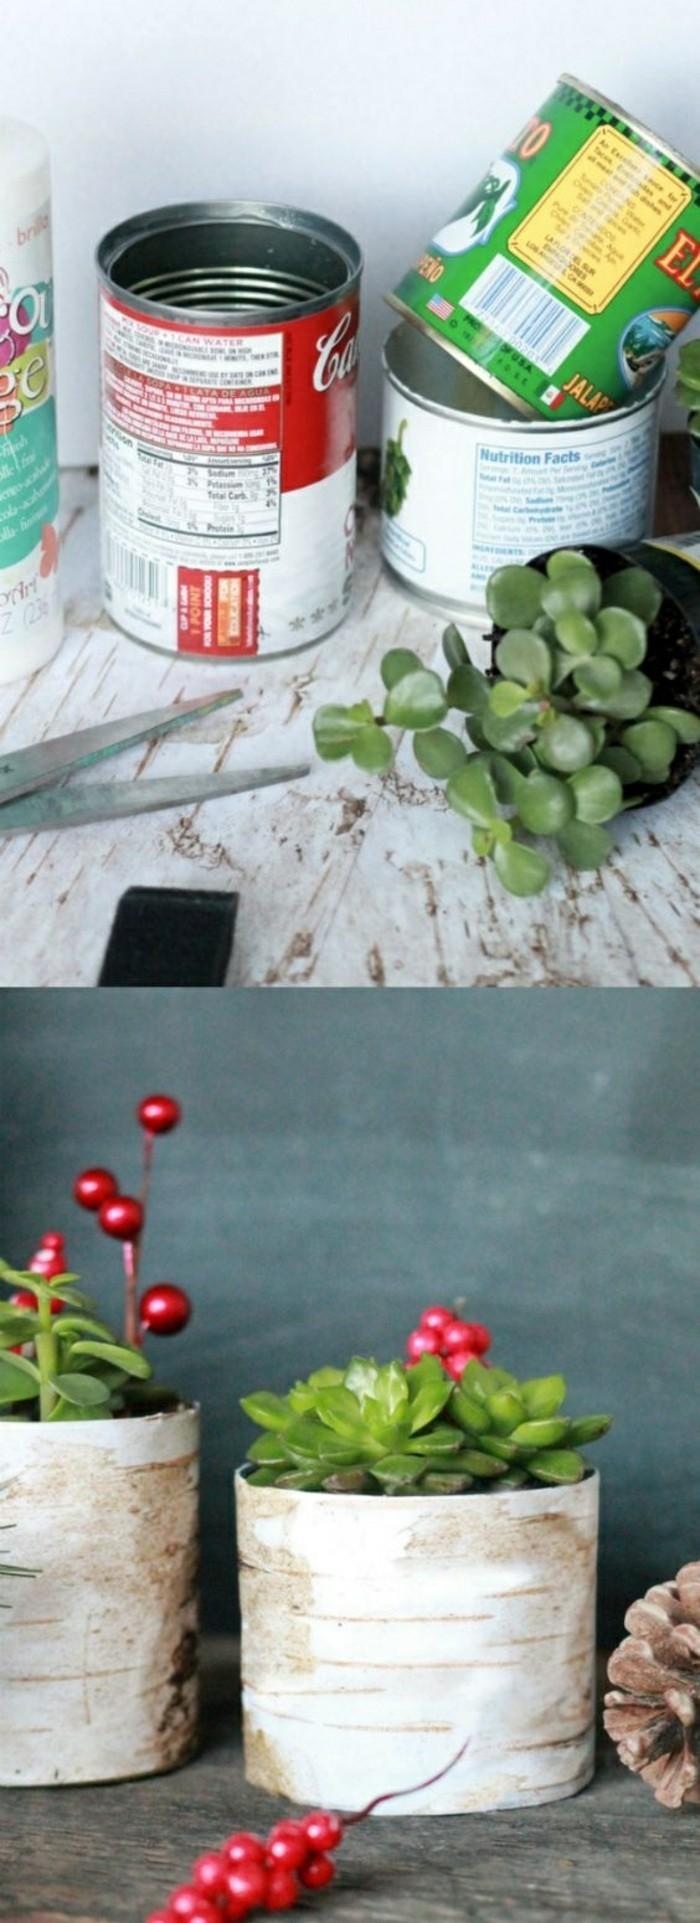 ideas originales de latas decoradas, tutoriales paso a paso, pequeñas macetas DIY creativas